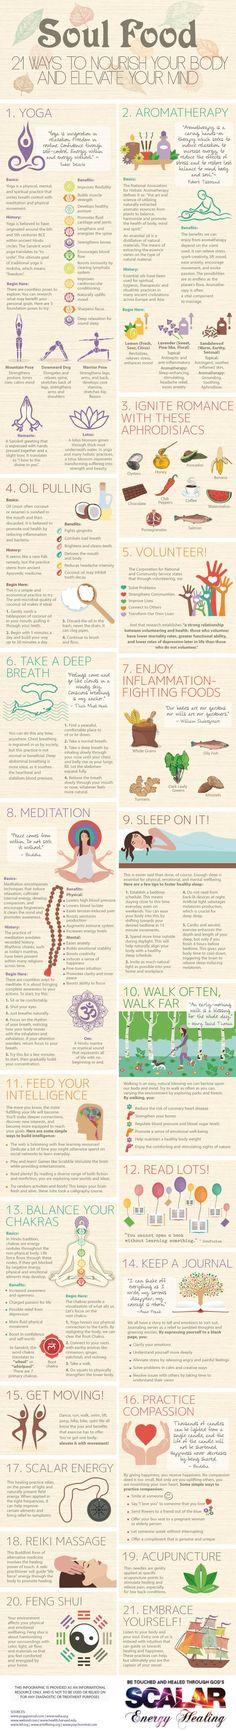 Develop A Healthy Soul